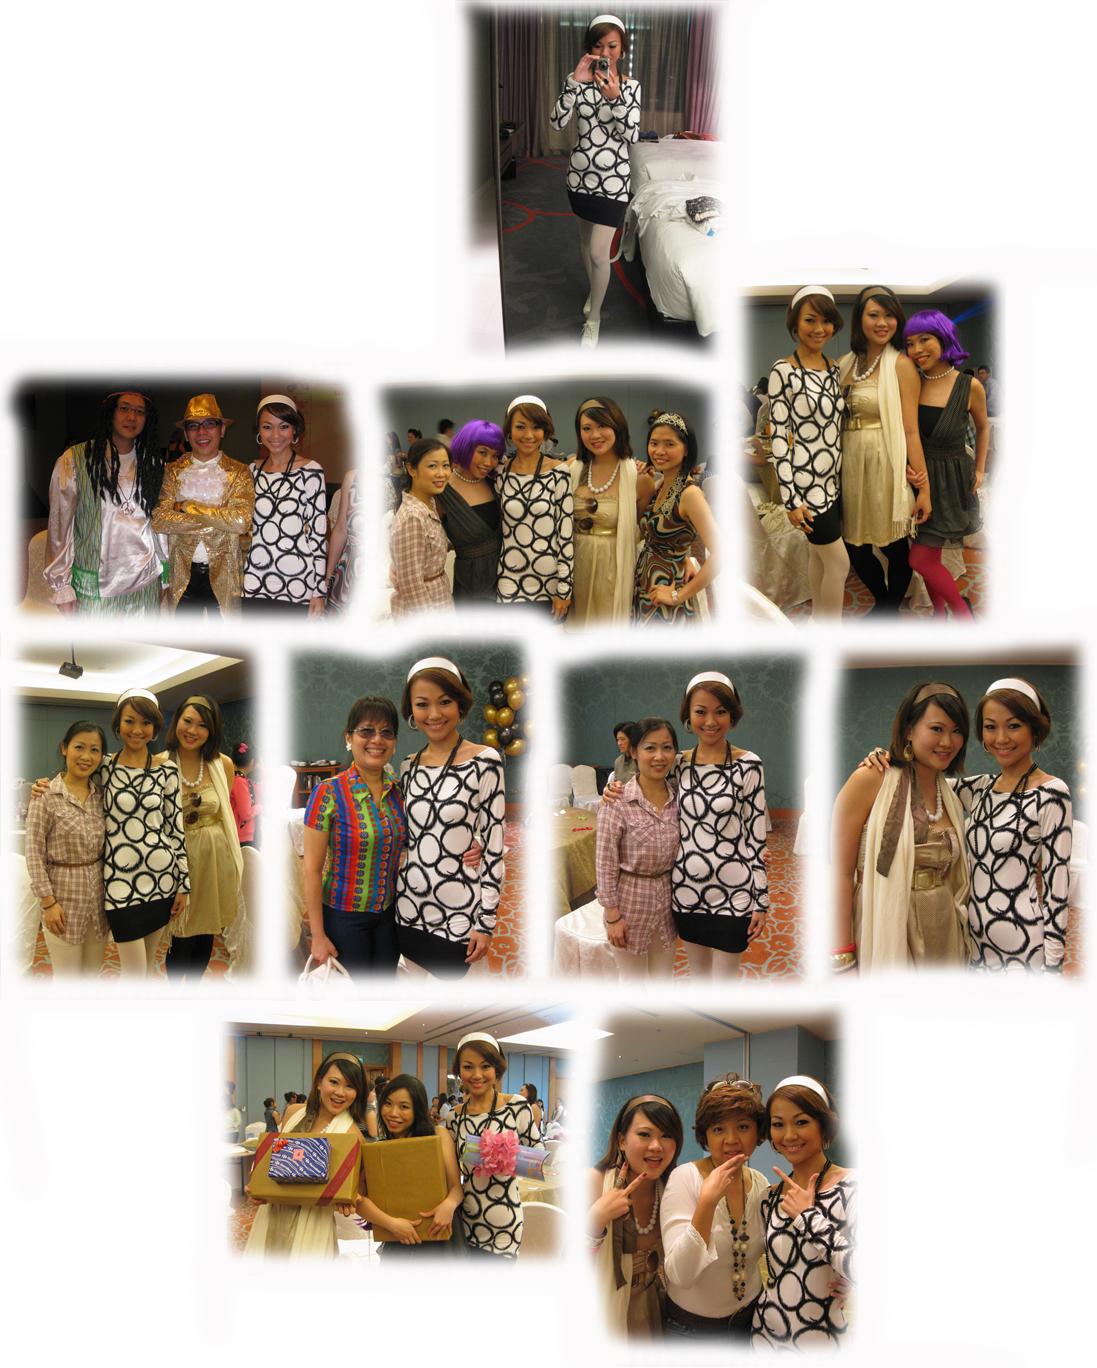 Singapore Retro Rent Wigs Costume 23